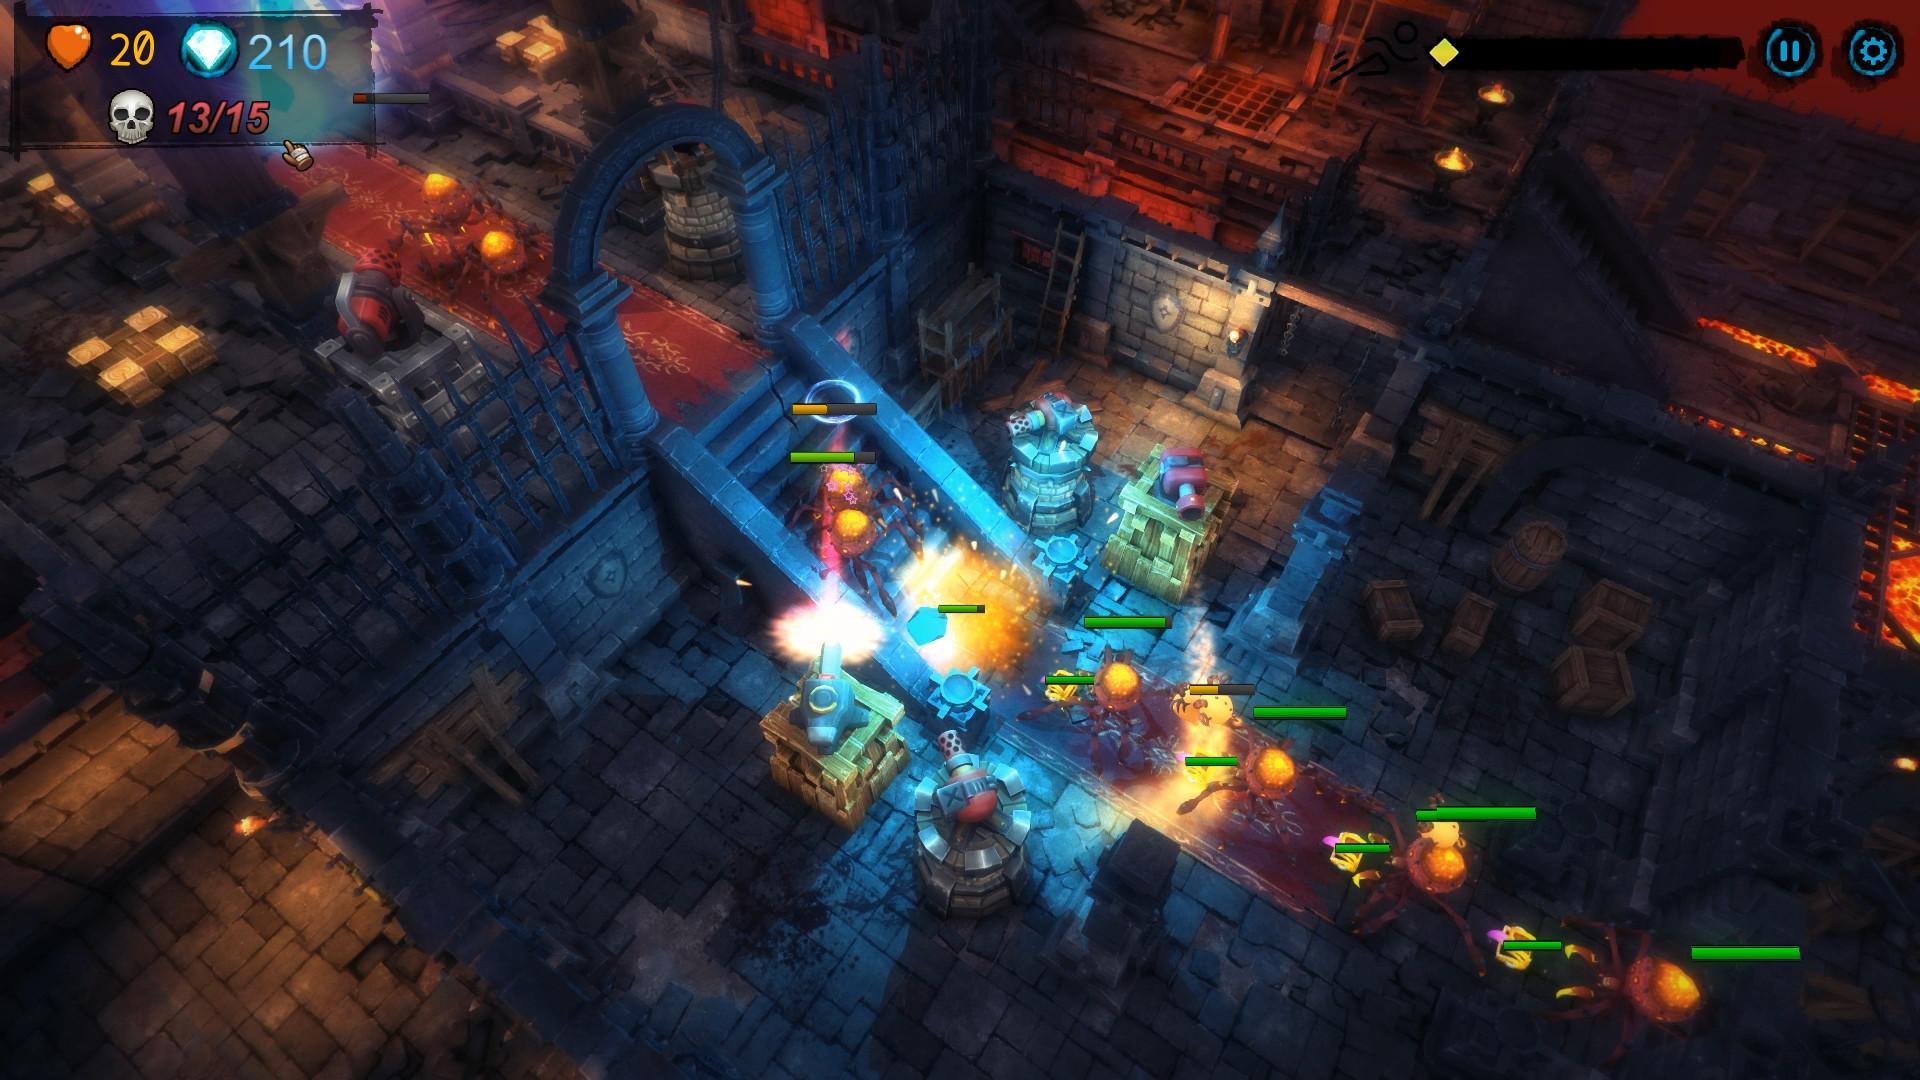 另一个塔防图片